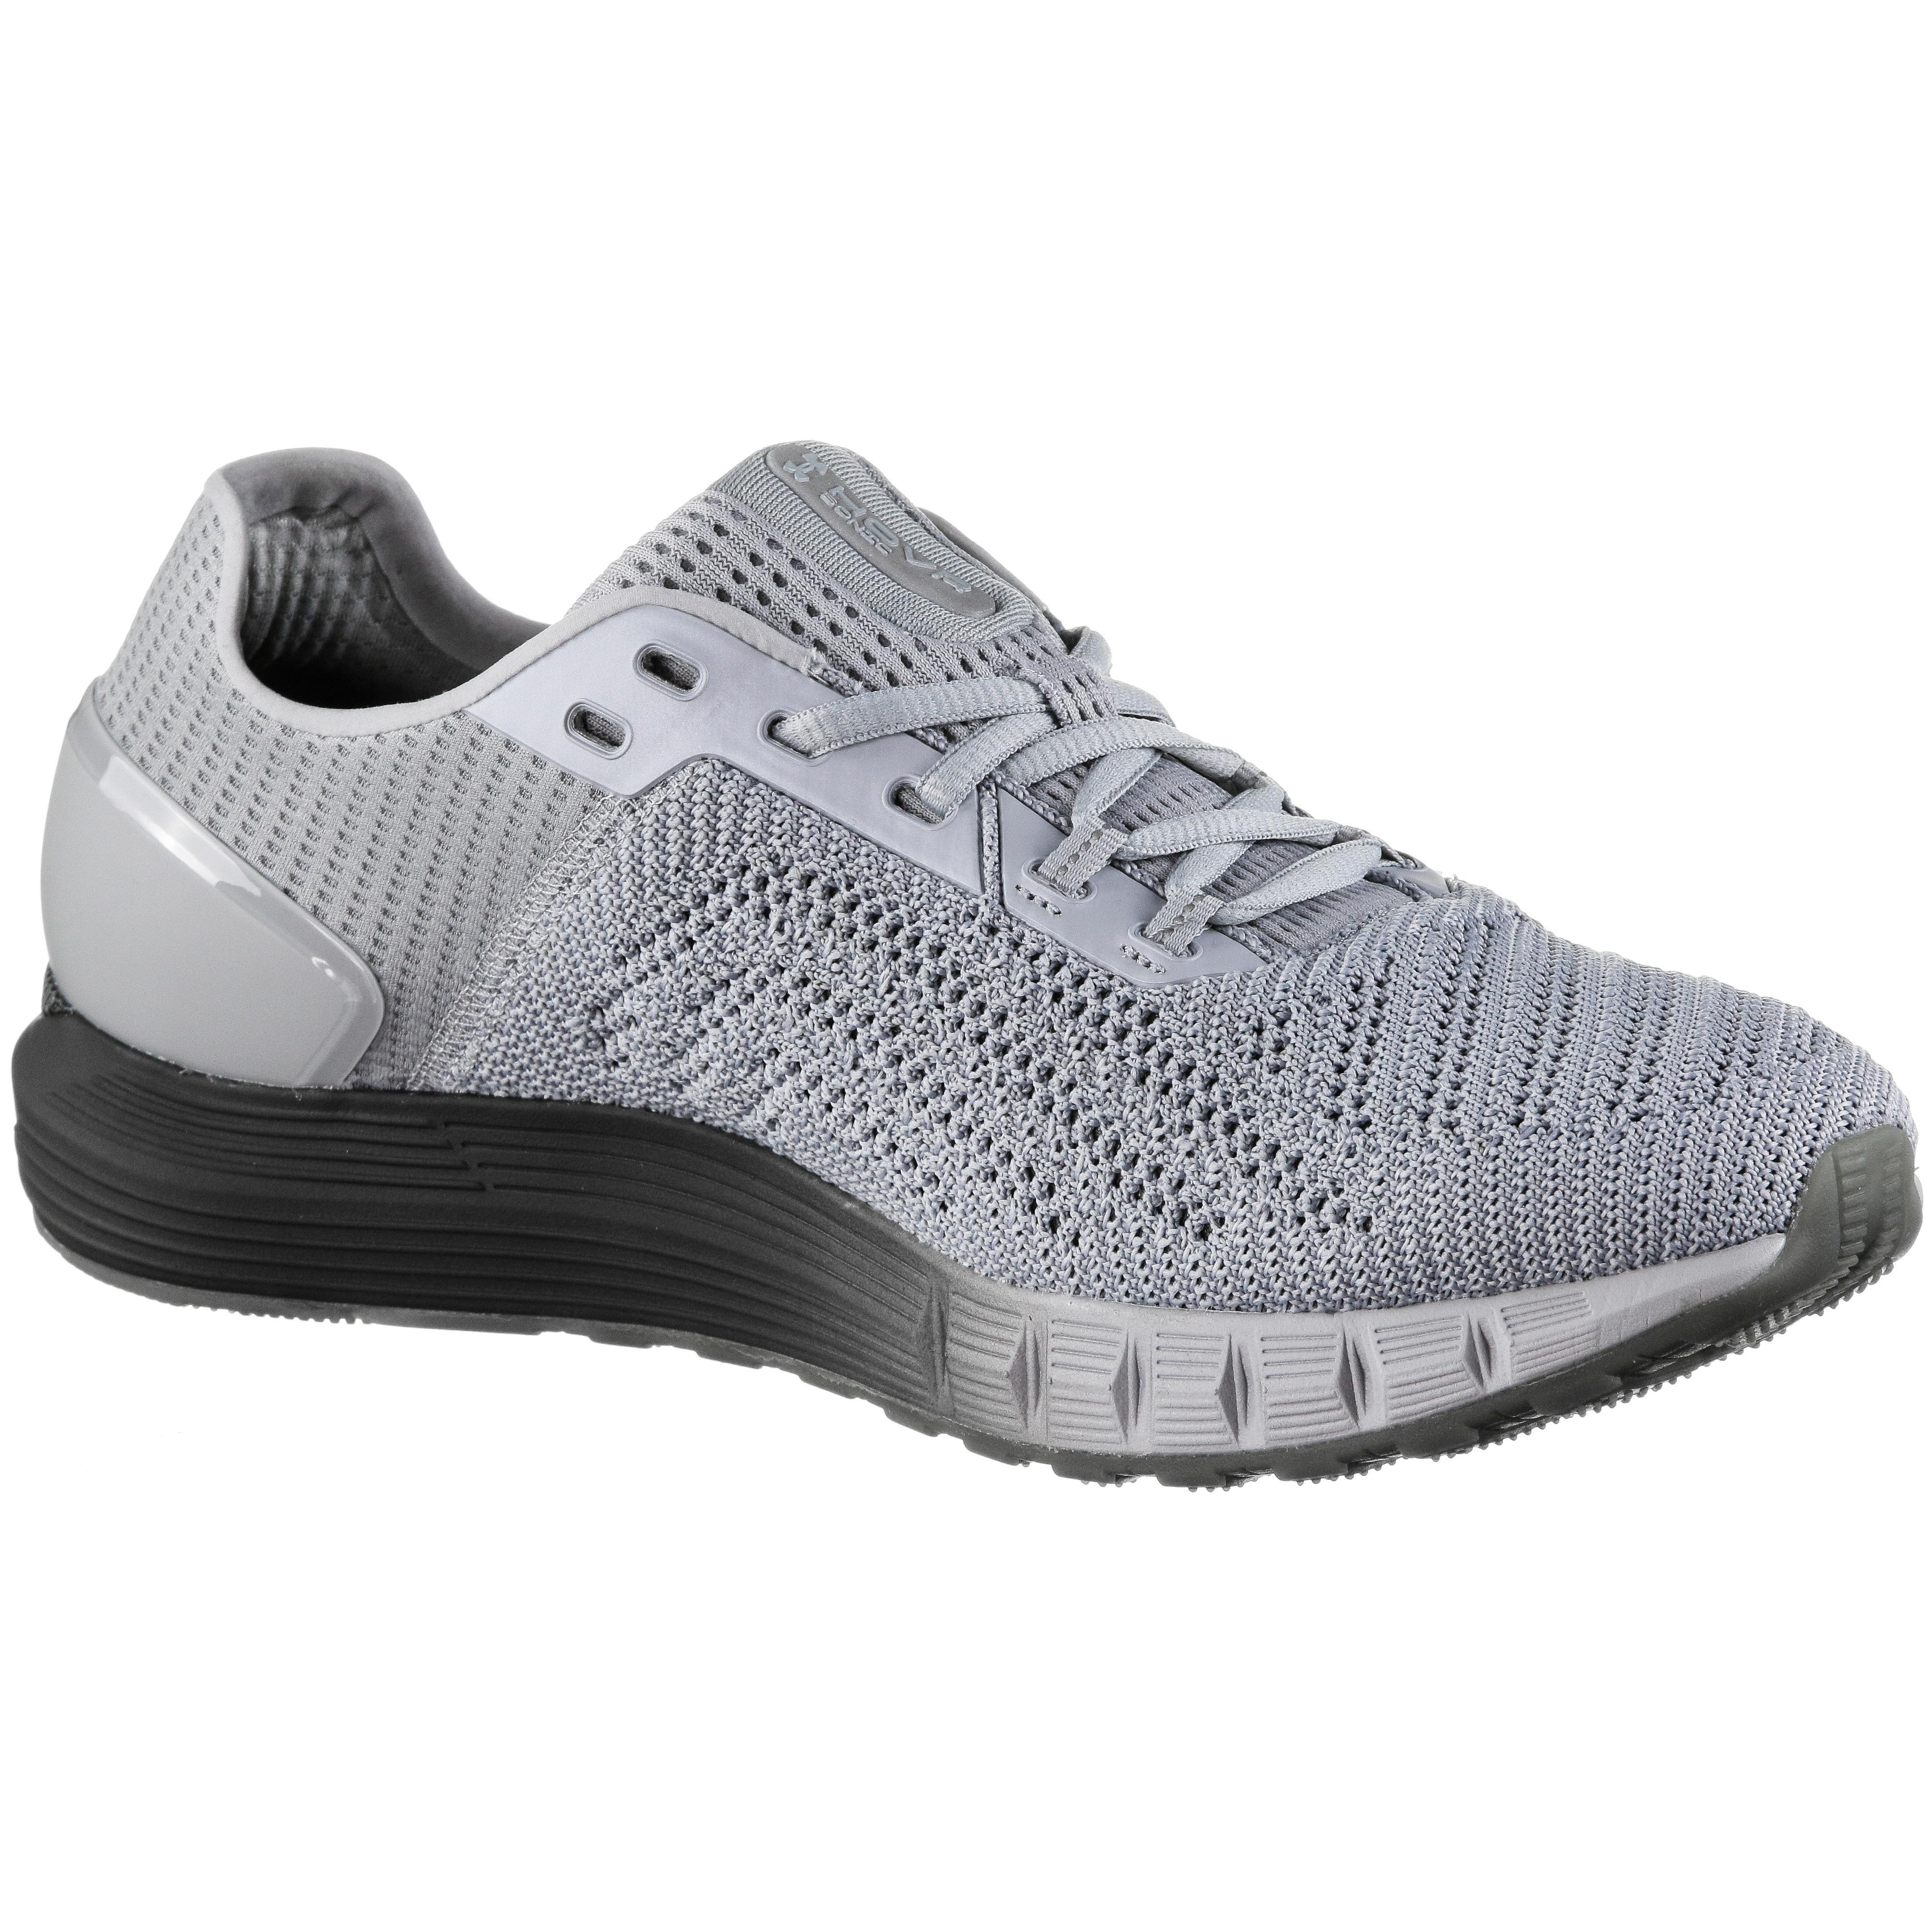 Under Armour HOVR Sonic 2 2 2 Laufschuhe Herren mod grau im Online Shop von SportScheck kaufen Gute Qualität beliebte Schuhe 17eb7f